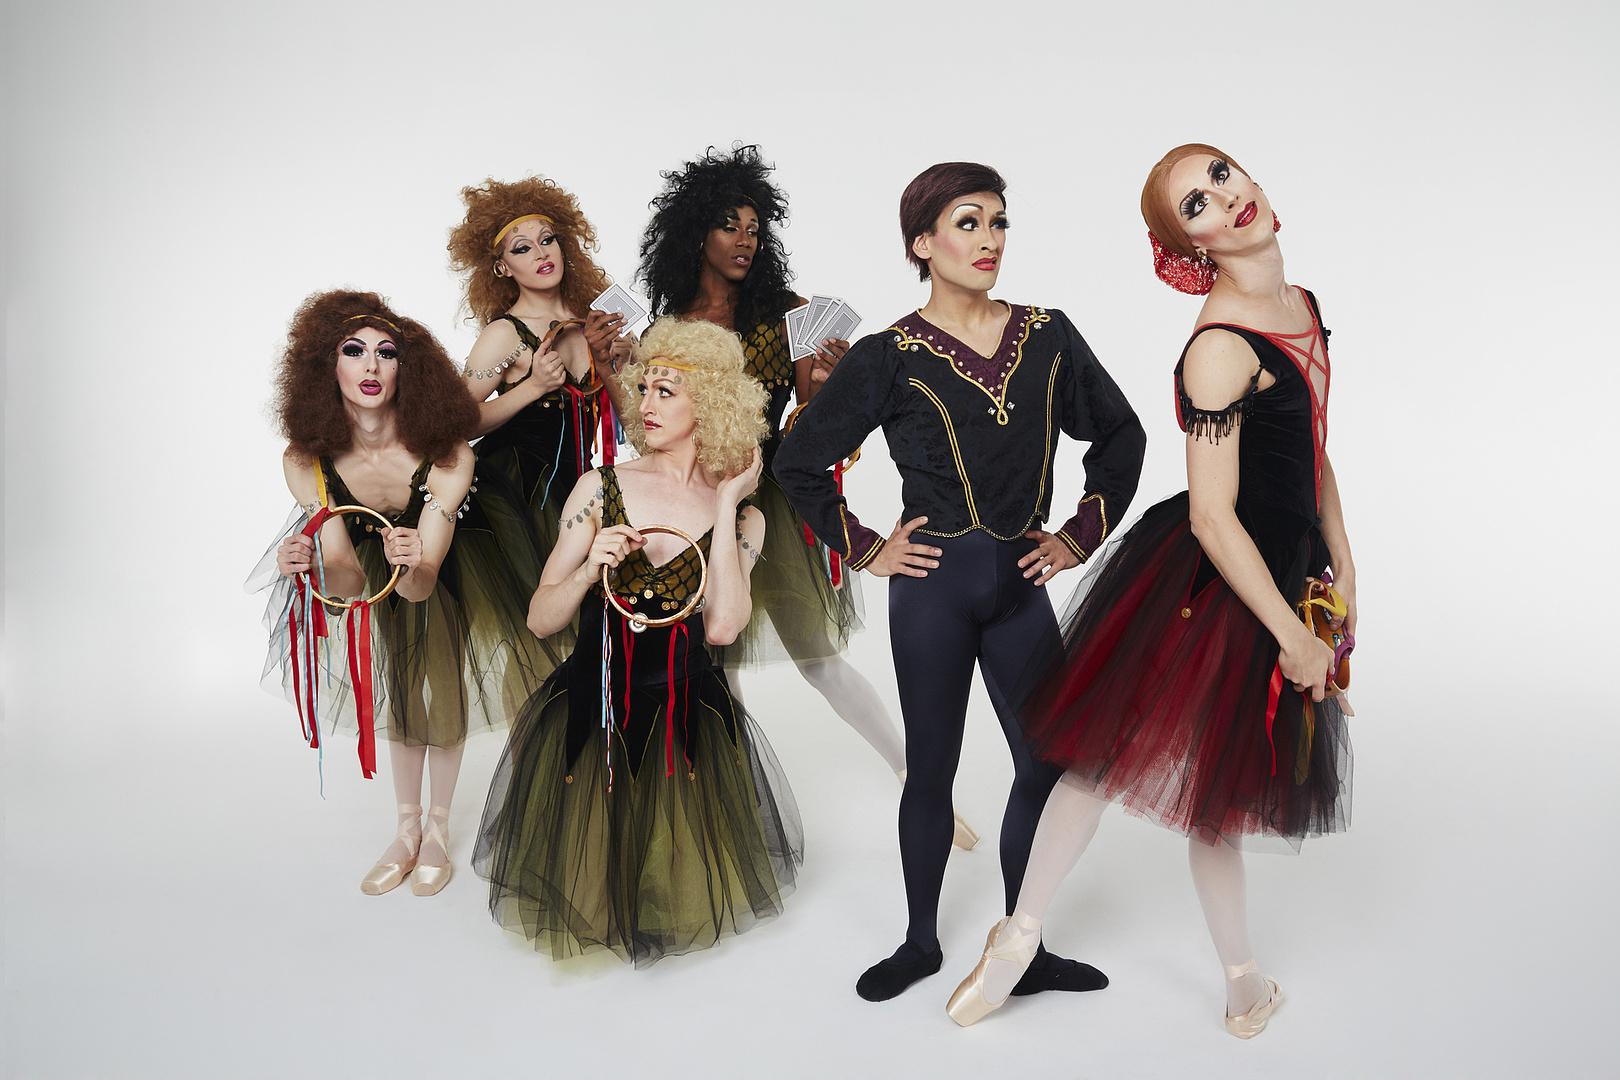 Szexista lenne a balett?